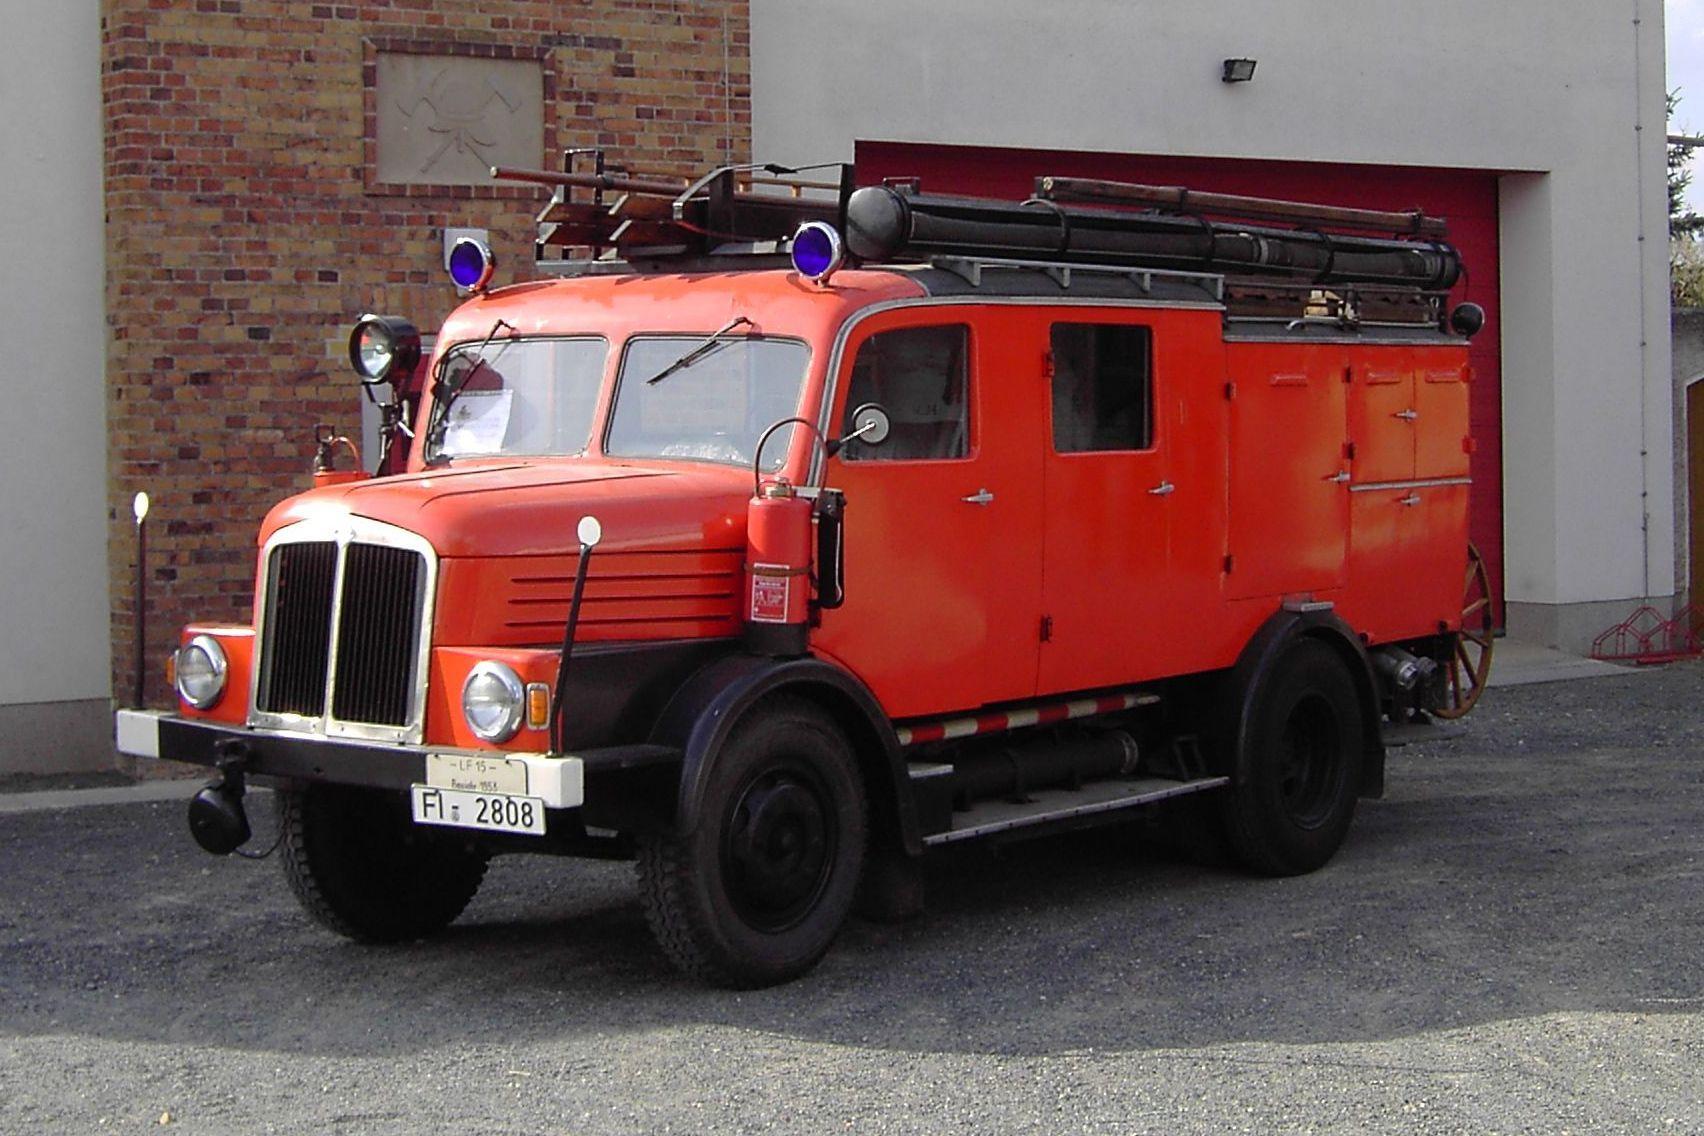 LF15 Doberlug